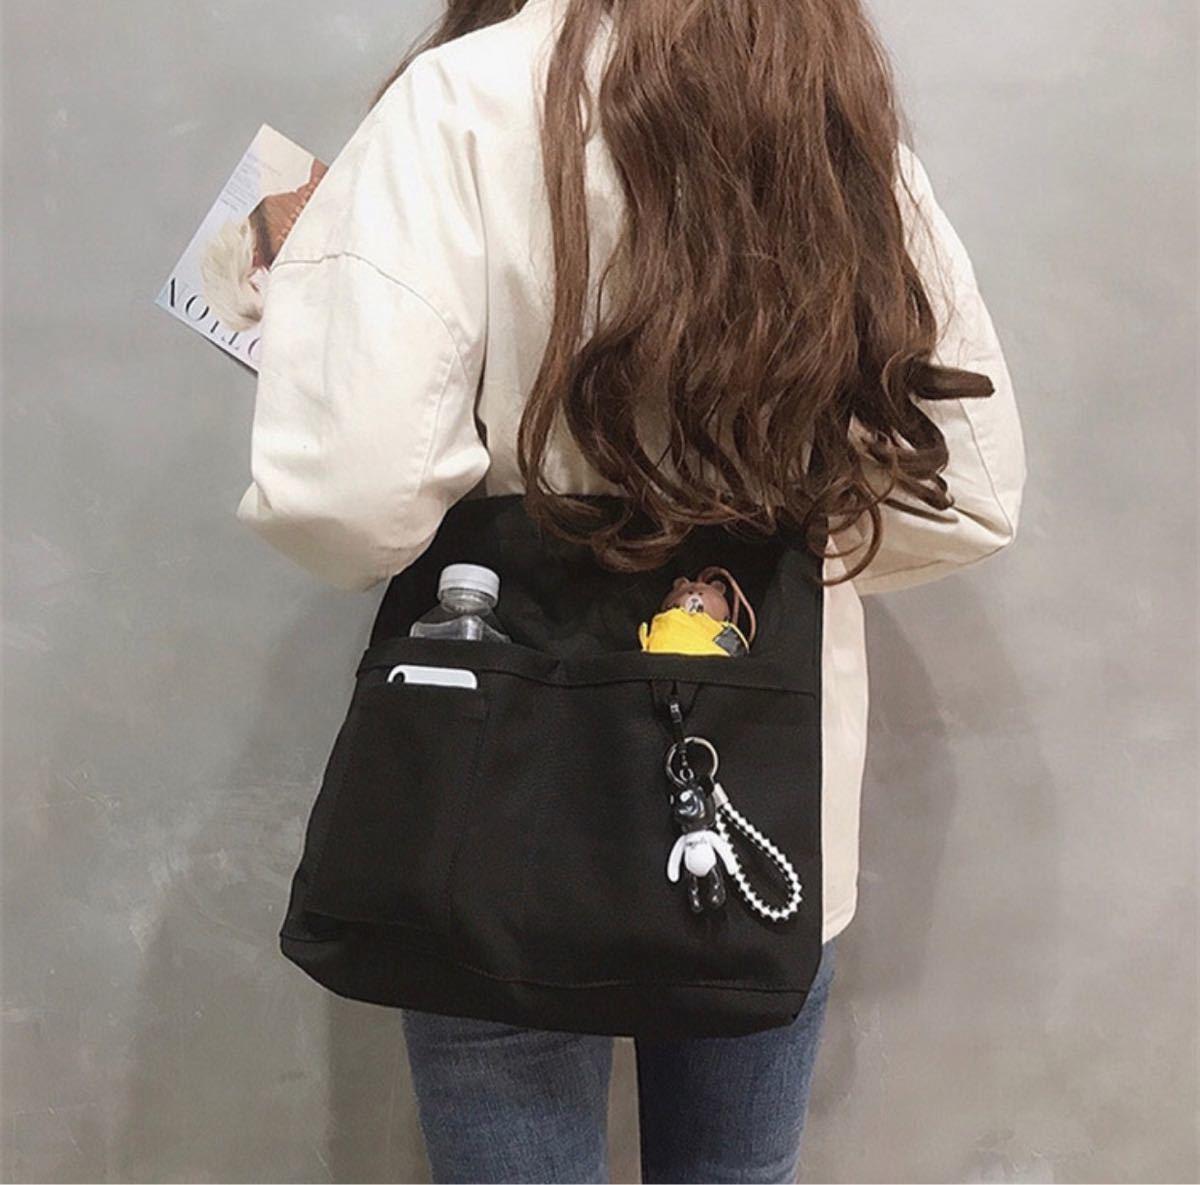 新品 韓国 男女兼用 トートバッグ ショルダーバッグ マザーズバッグ 通勤 通学 学生 大容量 軽量 セット ブラック